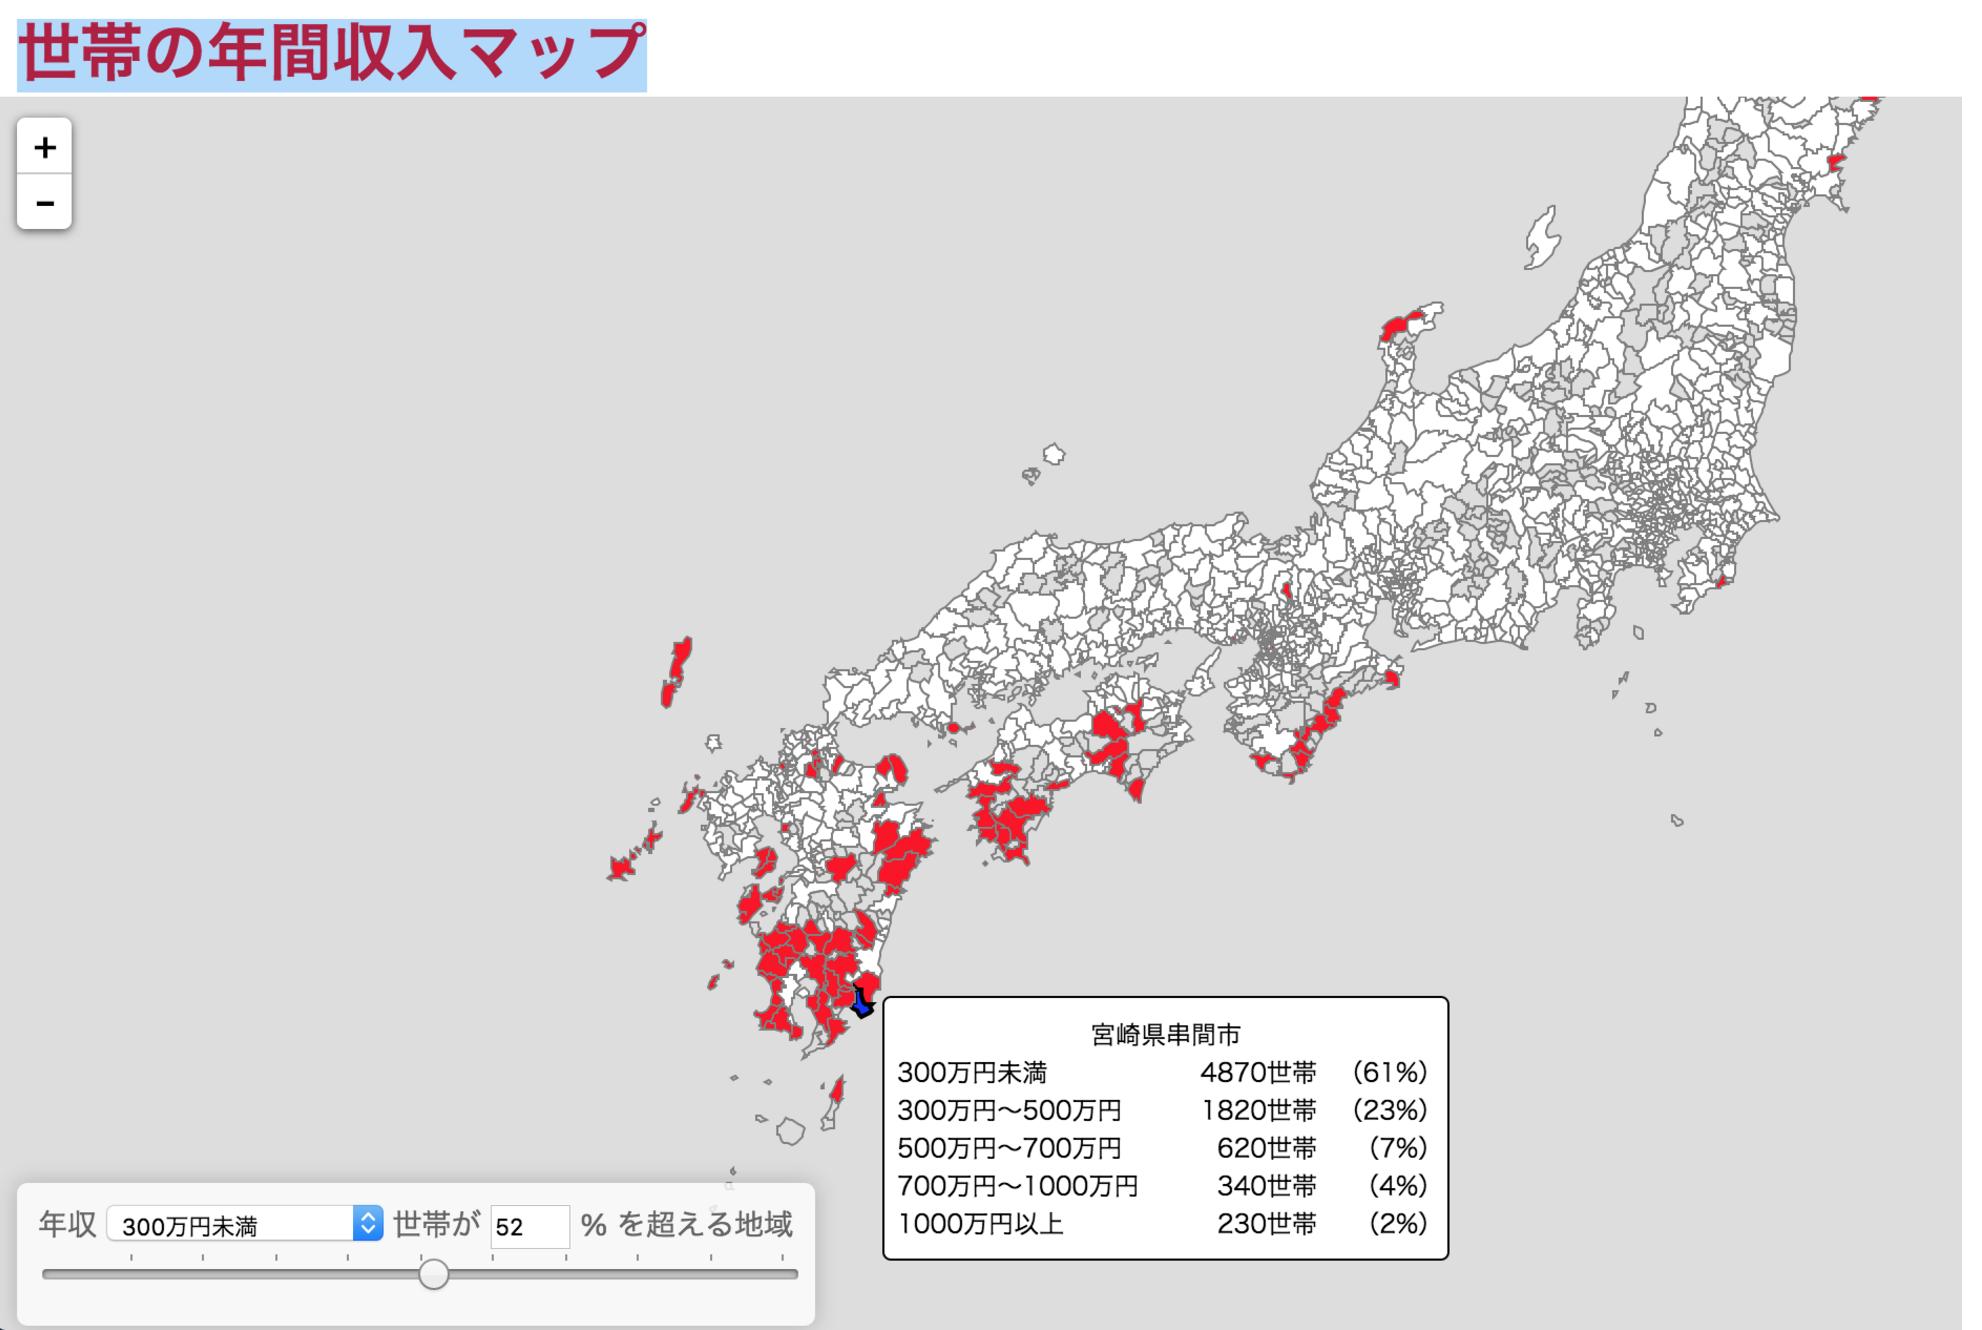 2014年衆議院総選挙選挙区別比較マップ 4